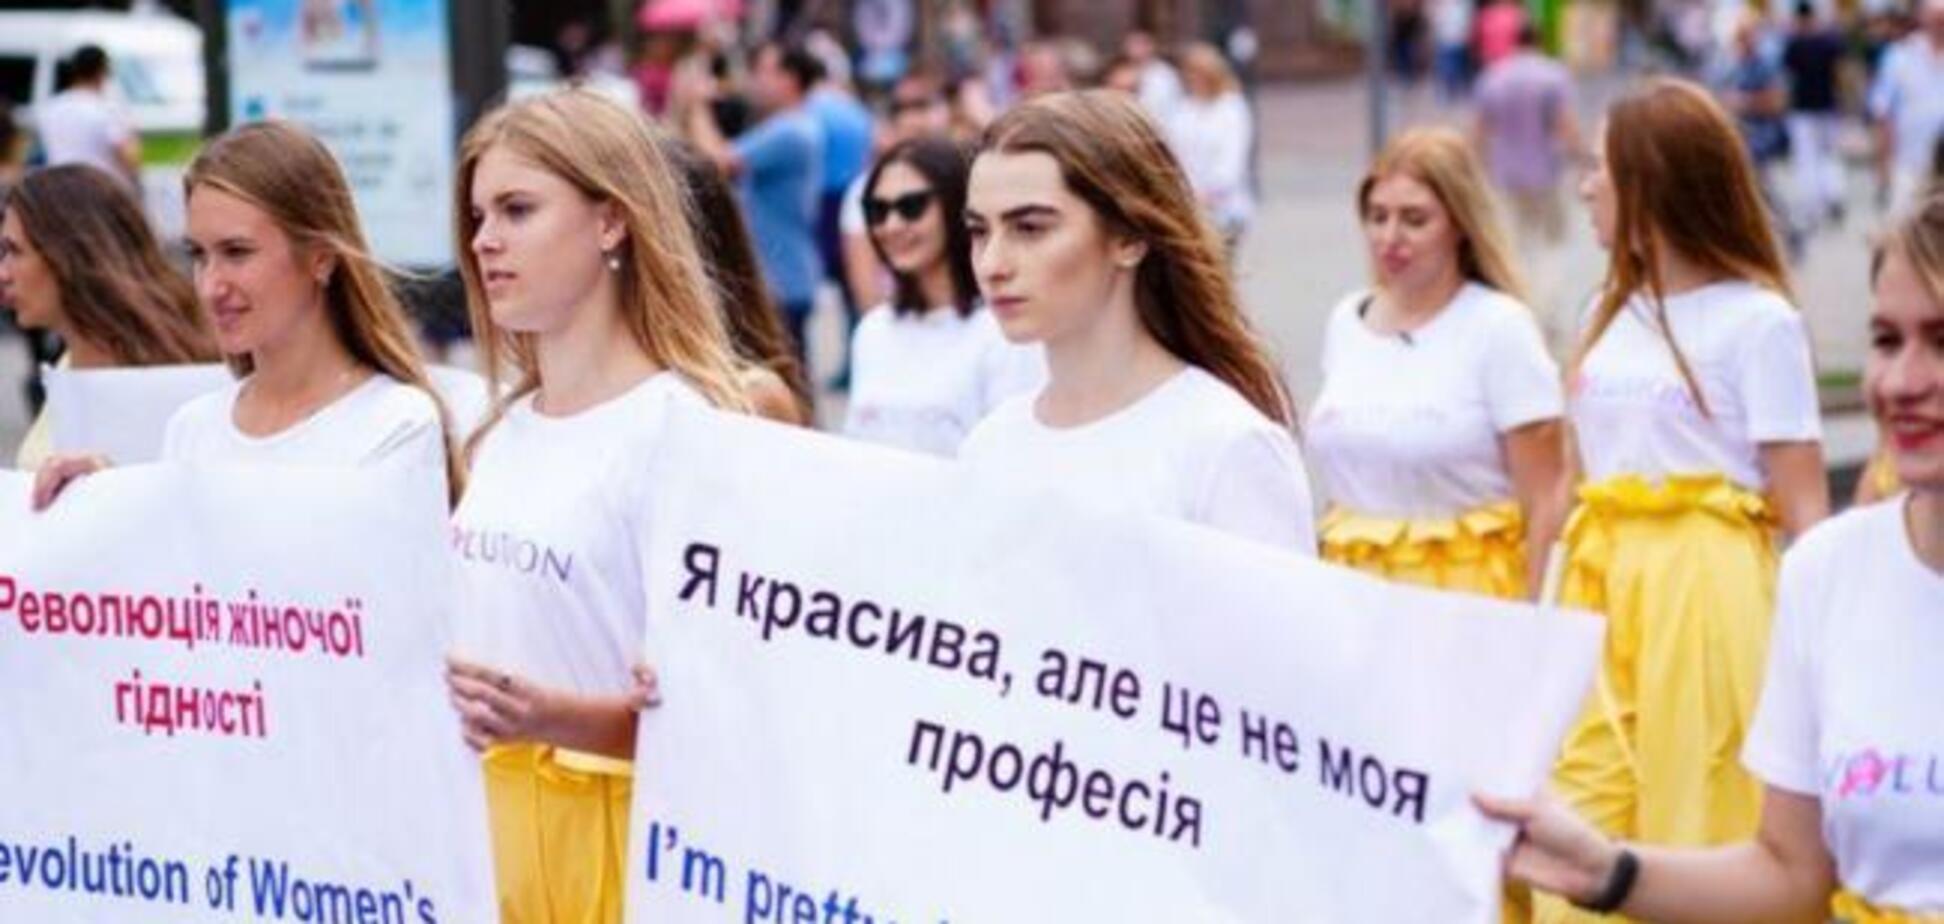 Одесситки потребовали извинений от главы Одесского облсовета Урбанского